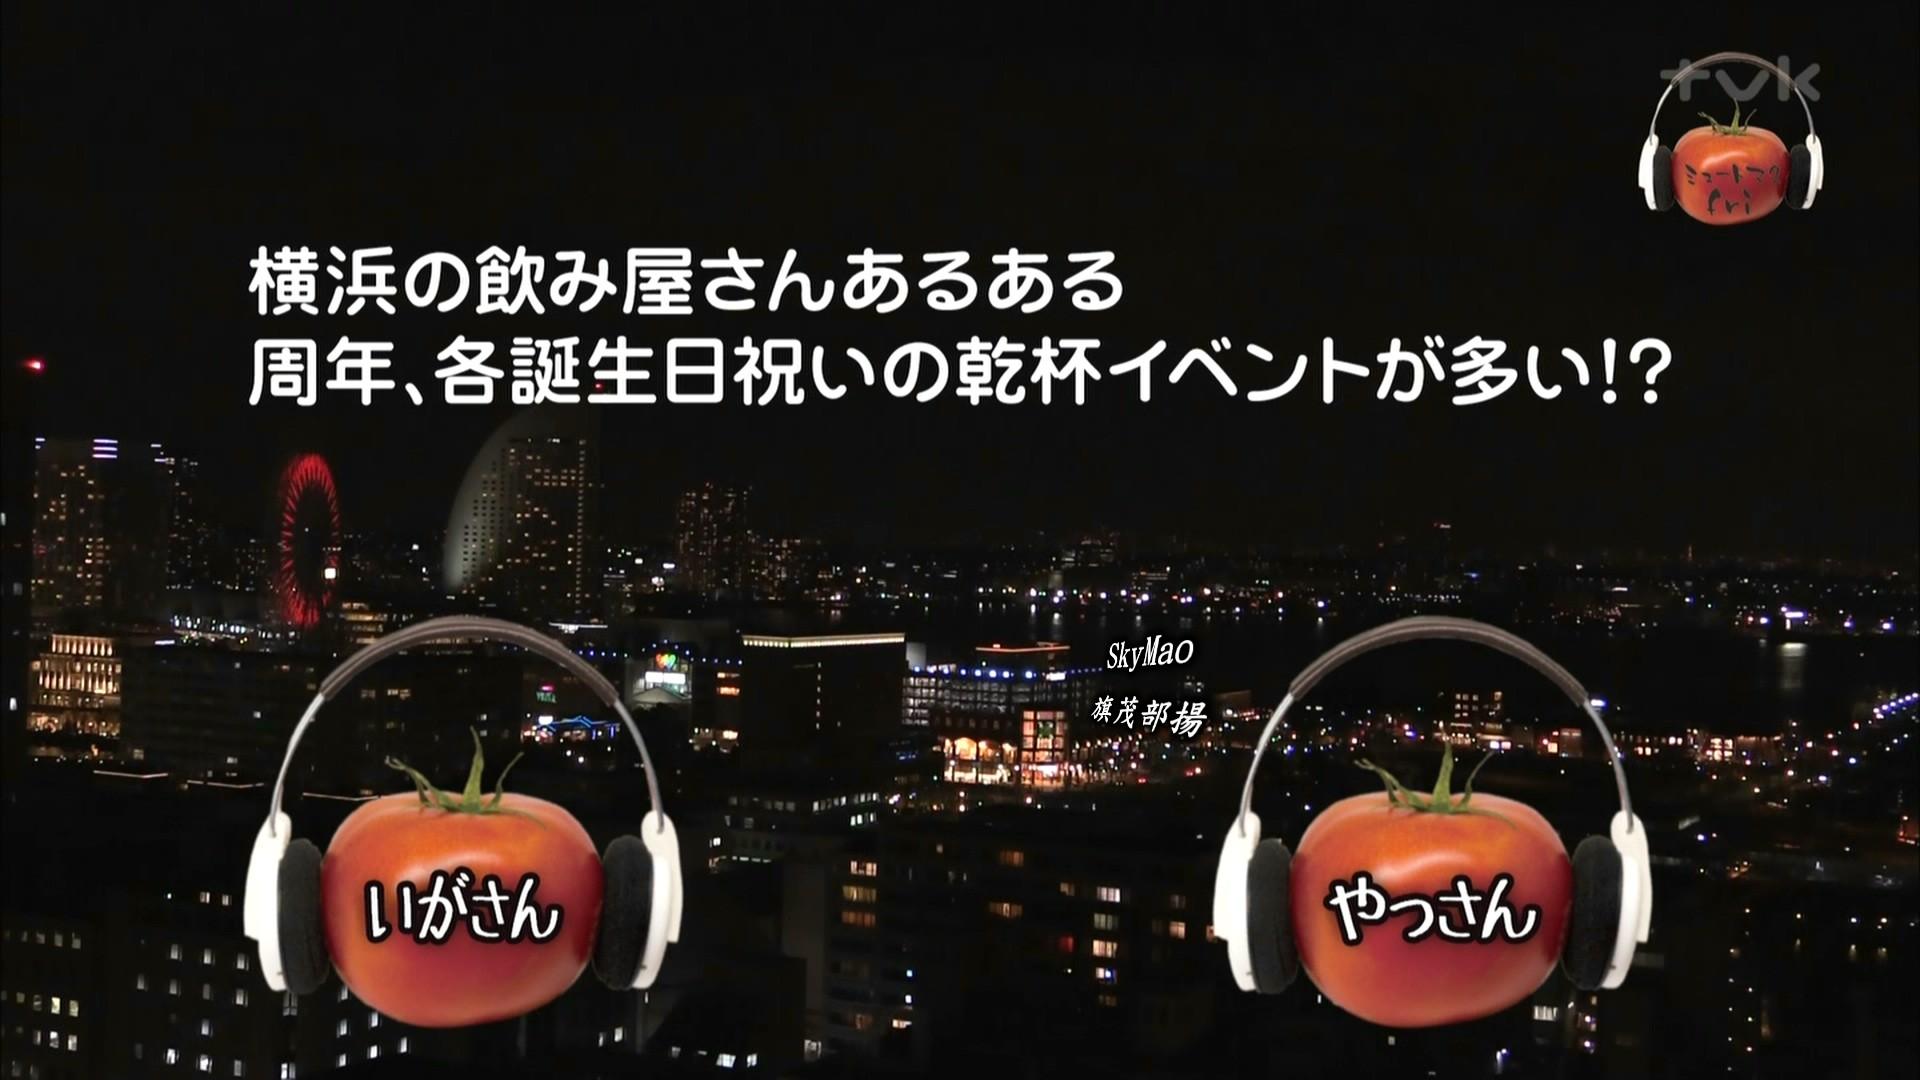 2017.04.21 全場(ミュートマ2).ts_20170421_234817.022